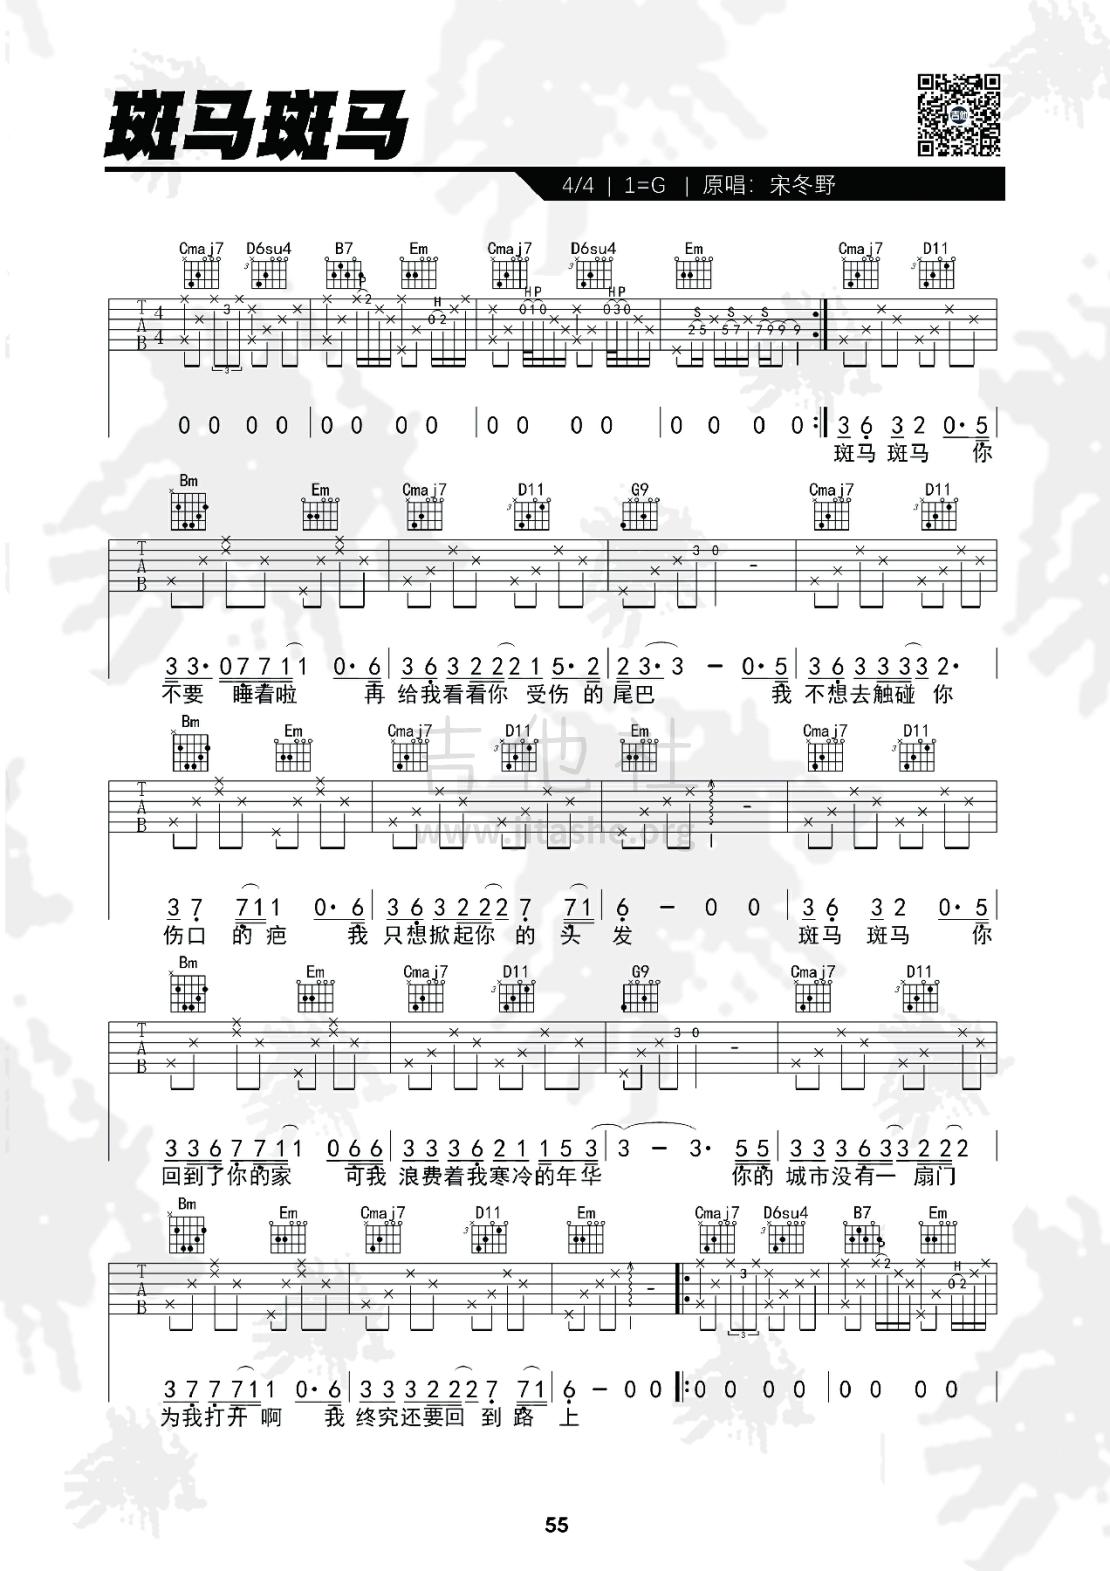 斑马斑马(必弹吉他)吉他谱(图片谱,弹唱,伴奏,简单版)_宋冬野_kgnhreat0p9ytc9foxy.png